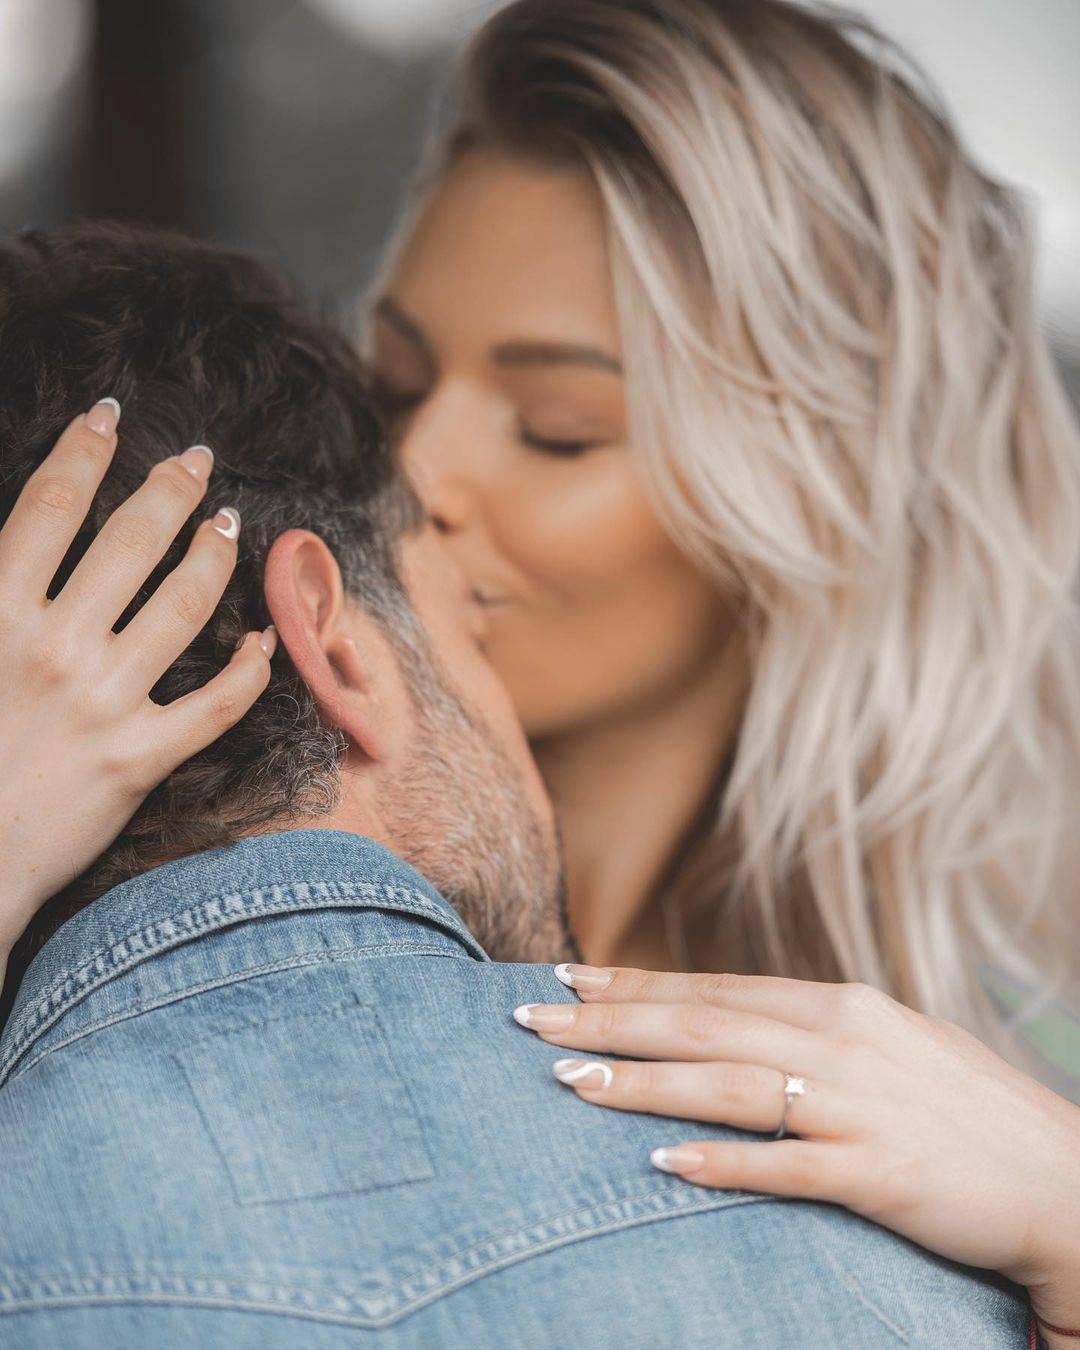 Gabriel Soto Irina Baeva anillo de compromiso